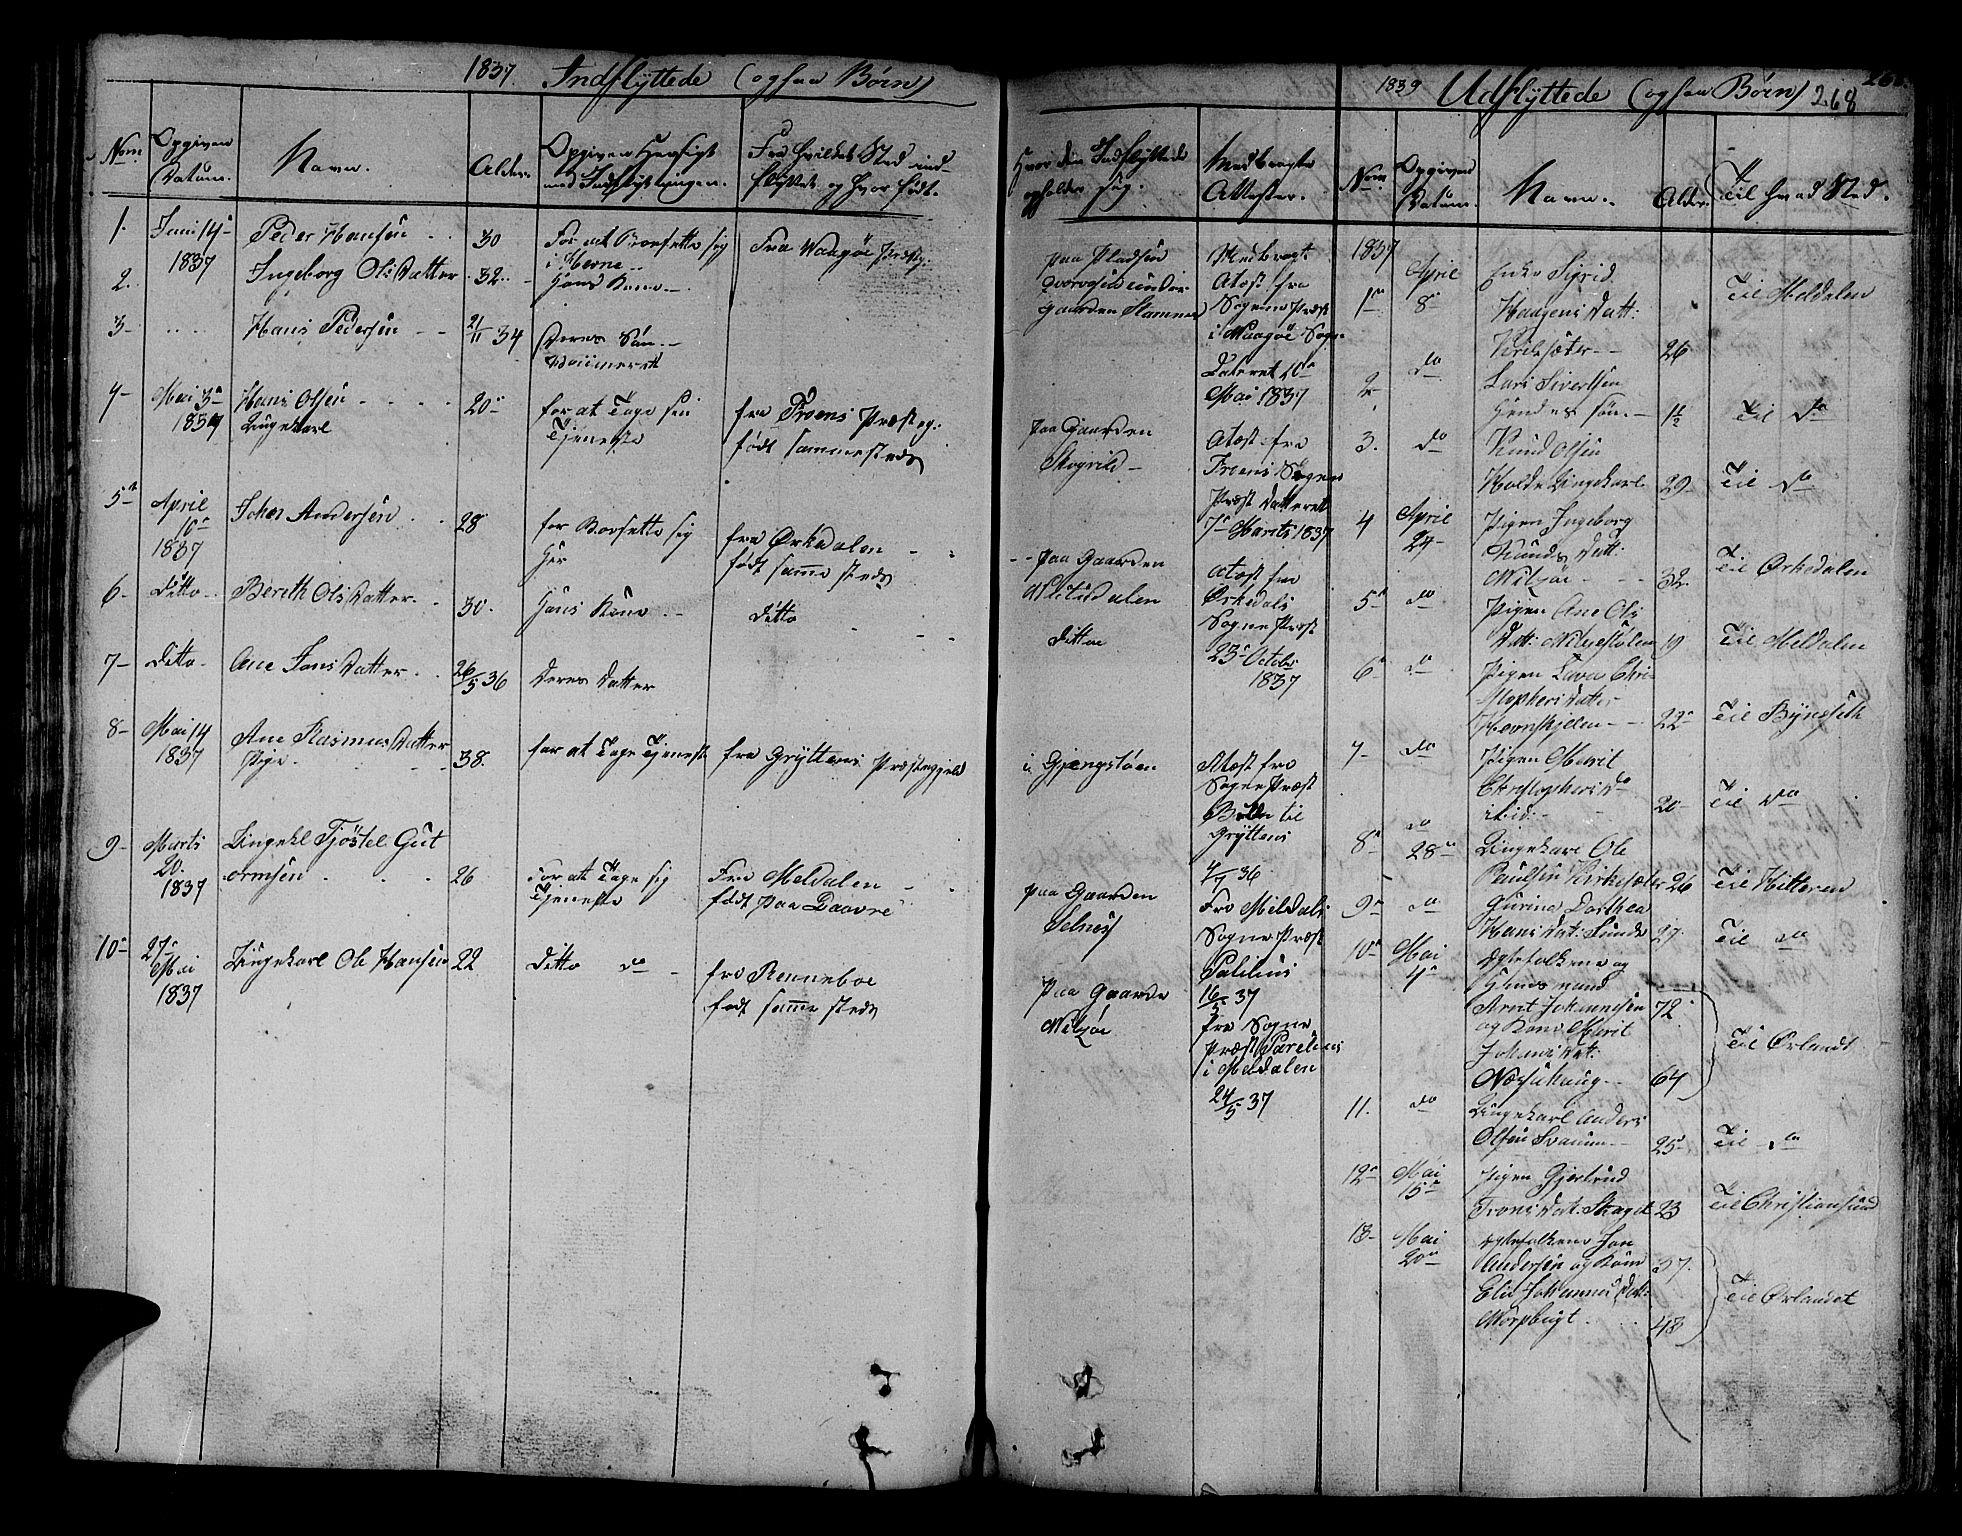 SAT, Ministerialprotokoller, klokkerbøker og fødselsregistre - Sør-Trøndelag, 630/L0492: Ministerialbok nr. 630A05, 1830-1840, s. 268